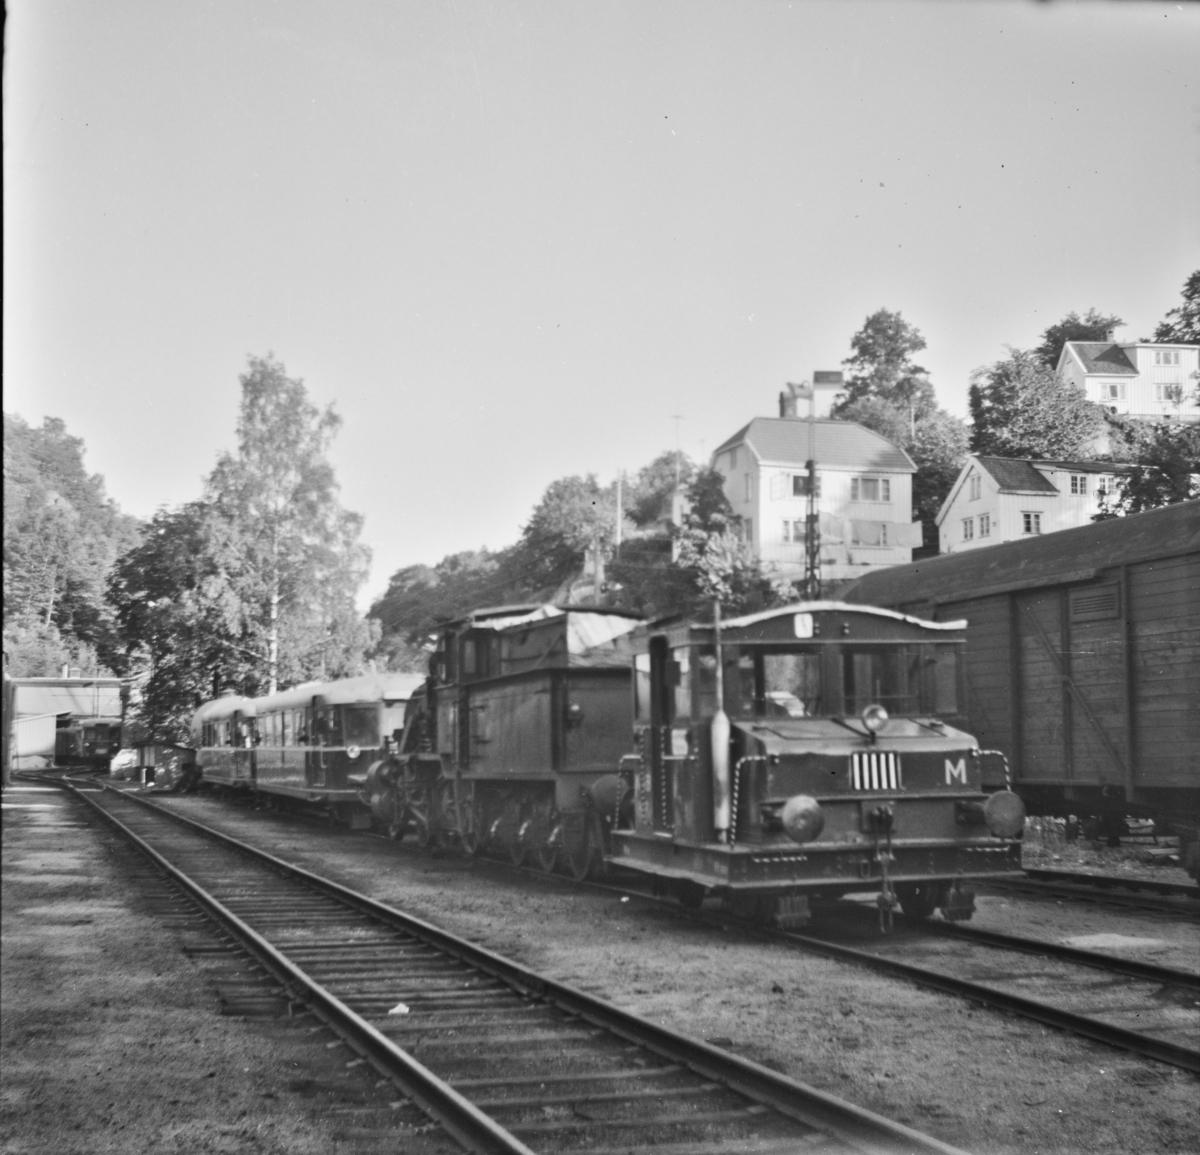 Hensatt jernbanemateriell på Arendal stasjon. Materiellet ble tatt ut av bruk etter at Treungenbanen ble nedlagt 1. september 1967.